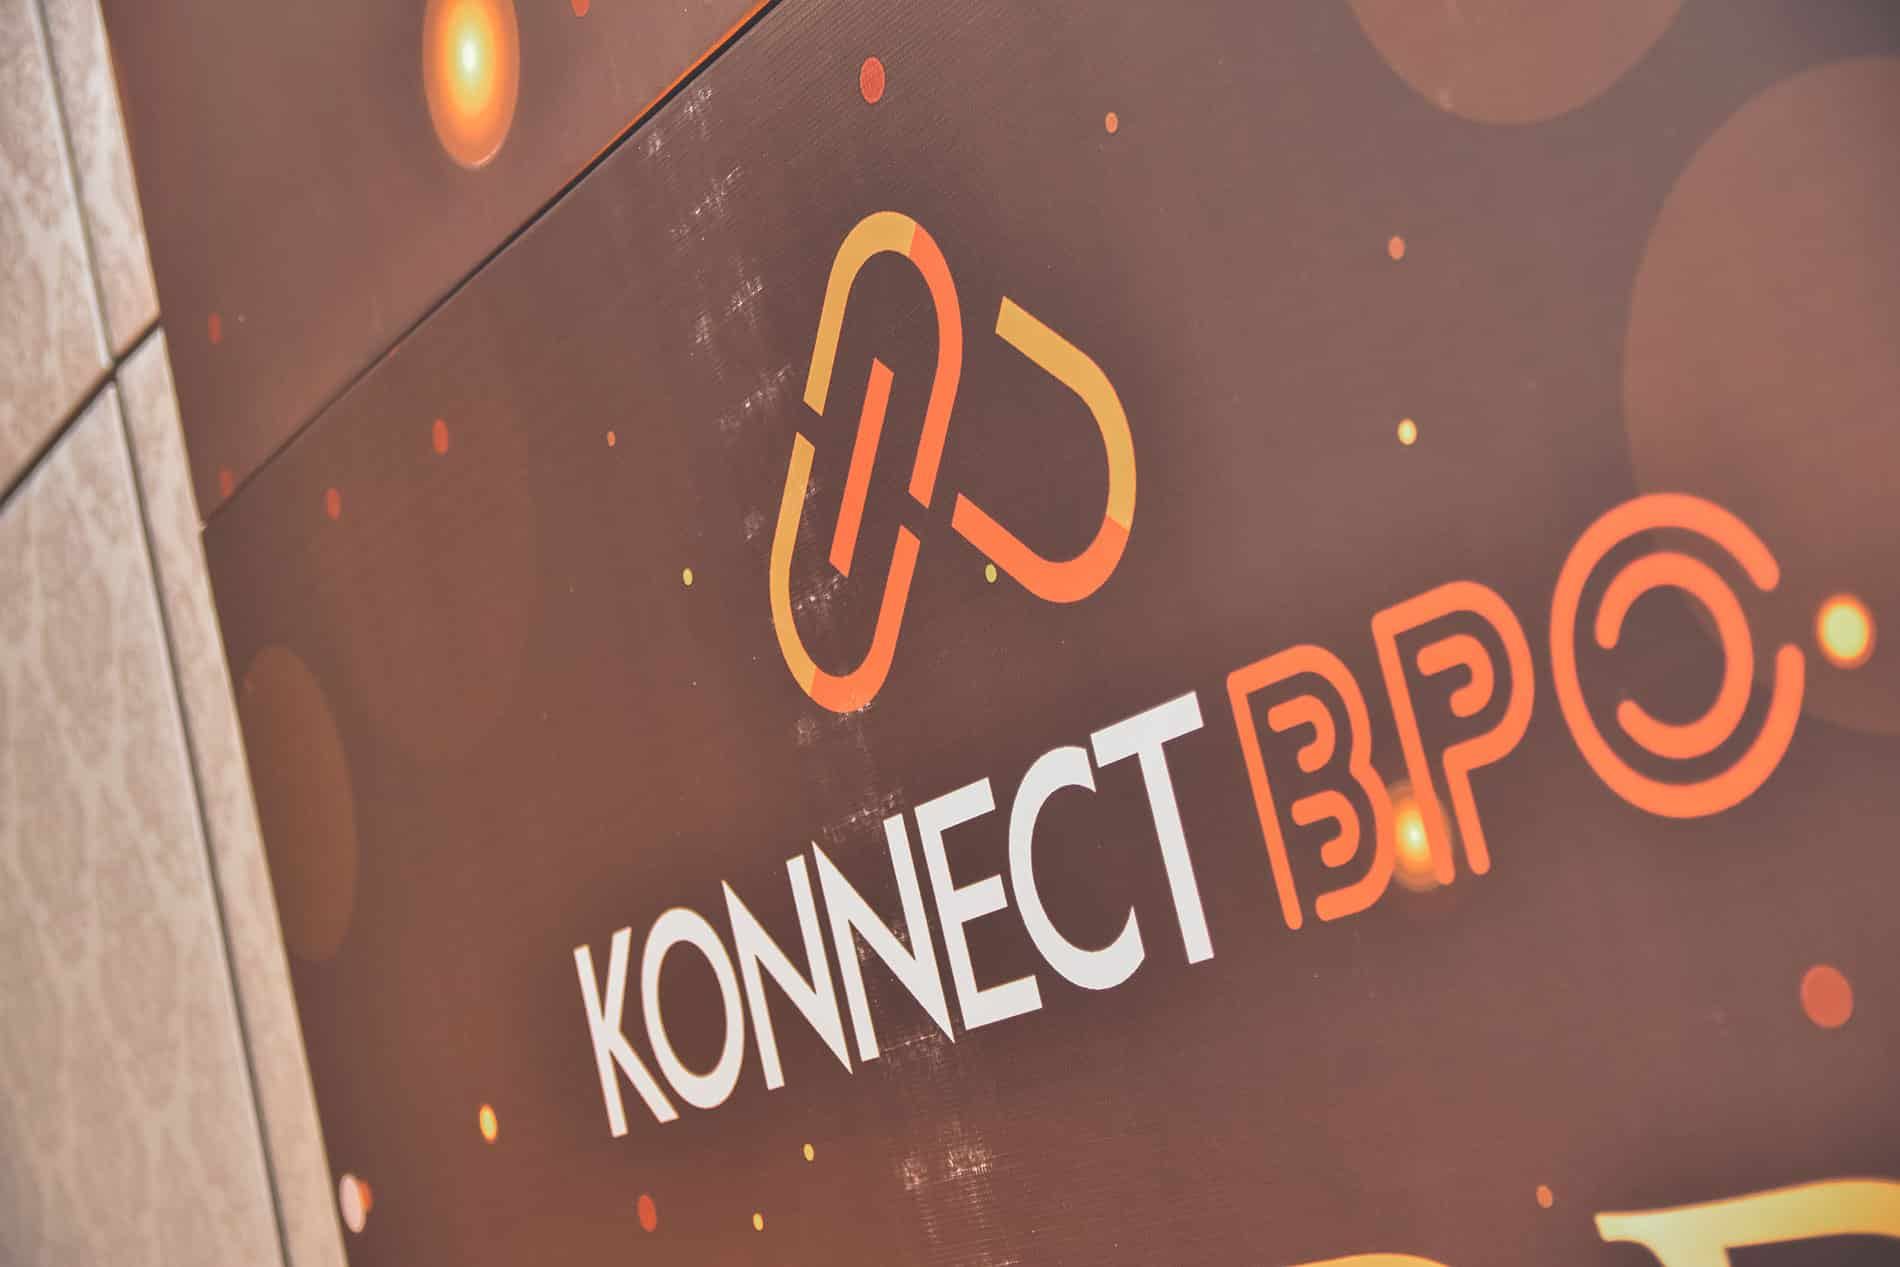 outsourcing konnectbpo